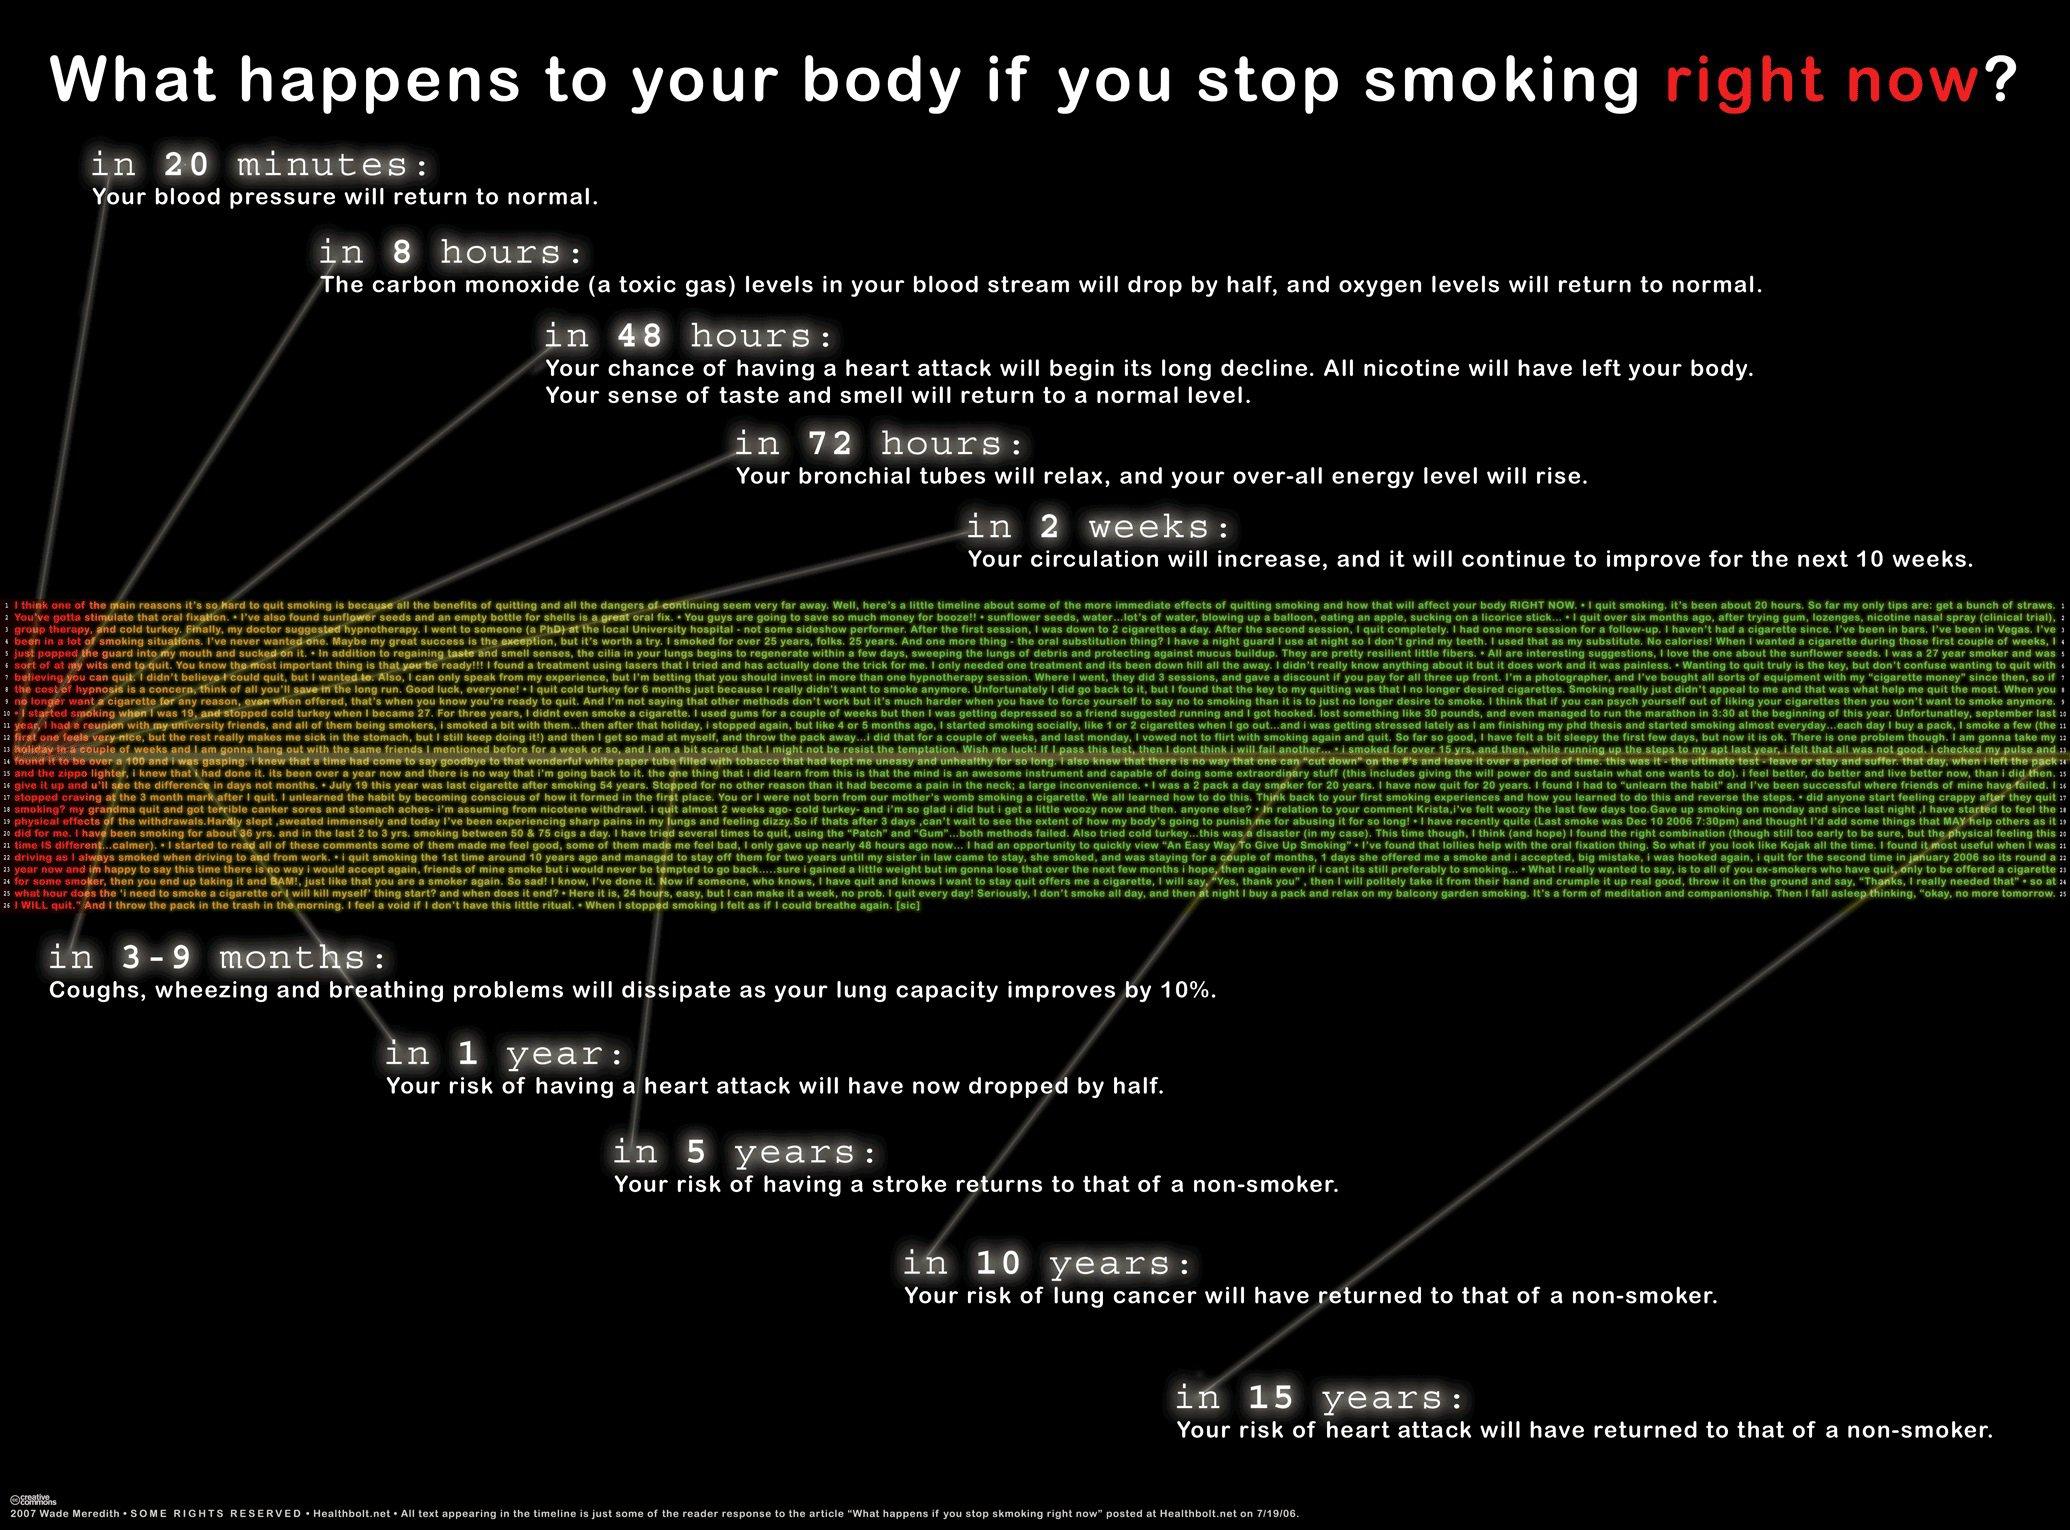 smoking_timeline